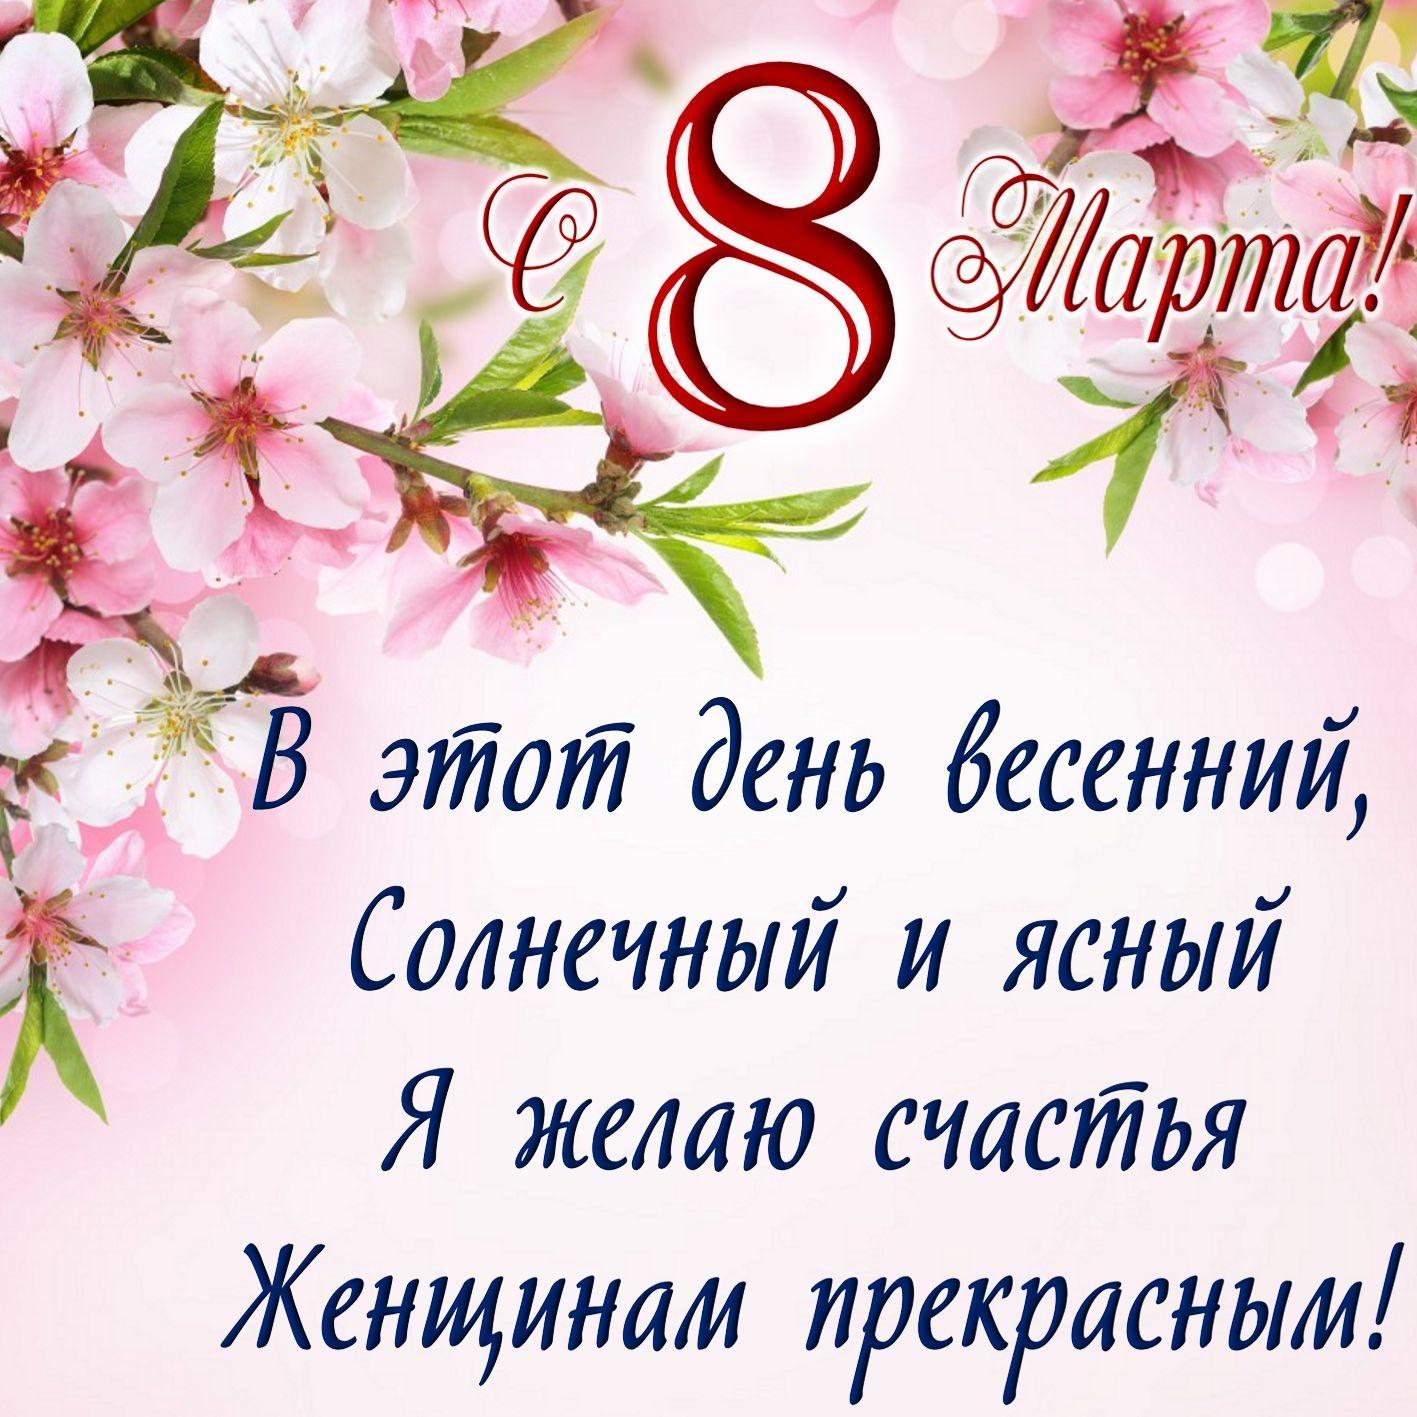 Поздравление в виде открытки с 8 марта